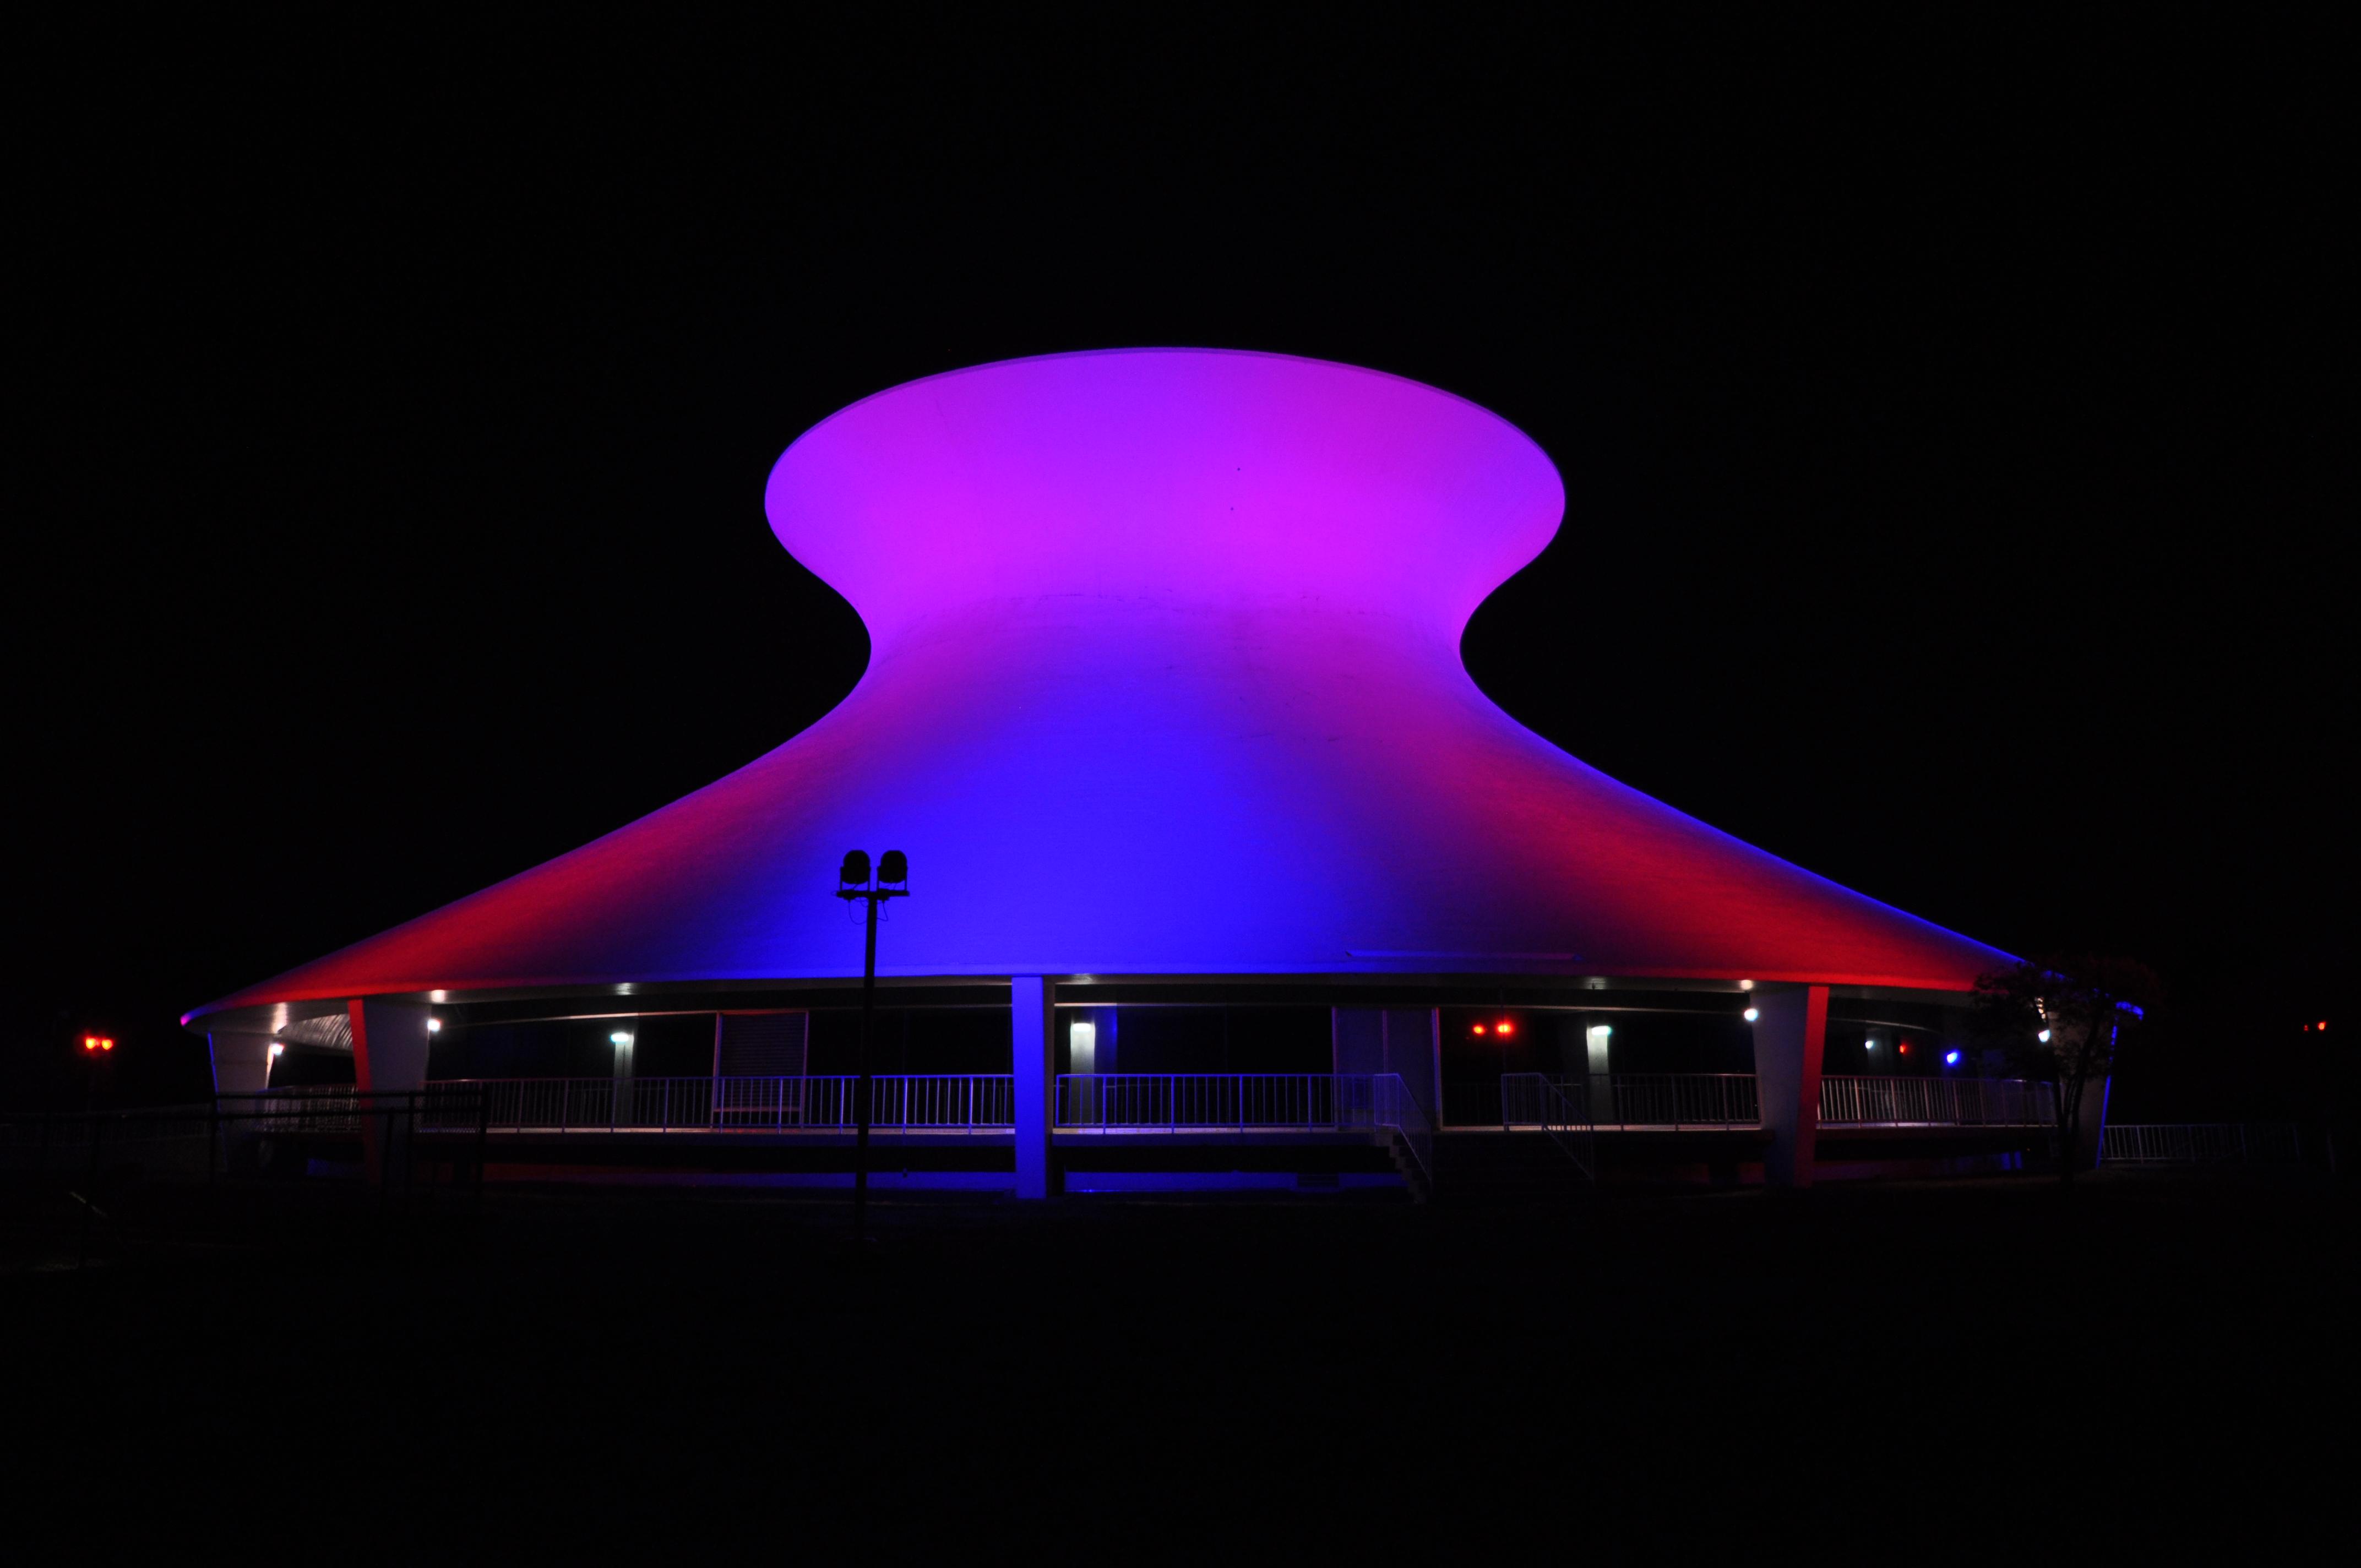 james s  mcdonnell planetarium